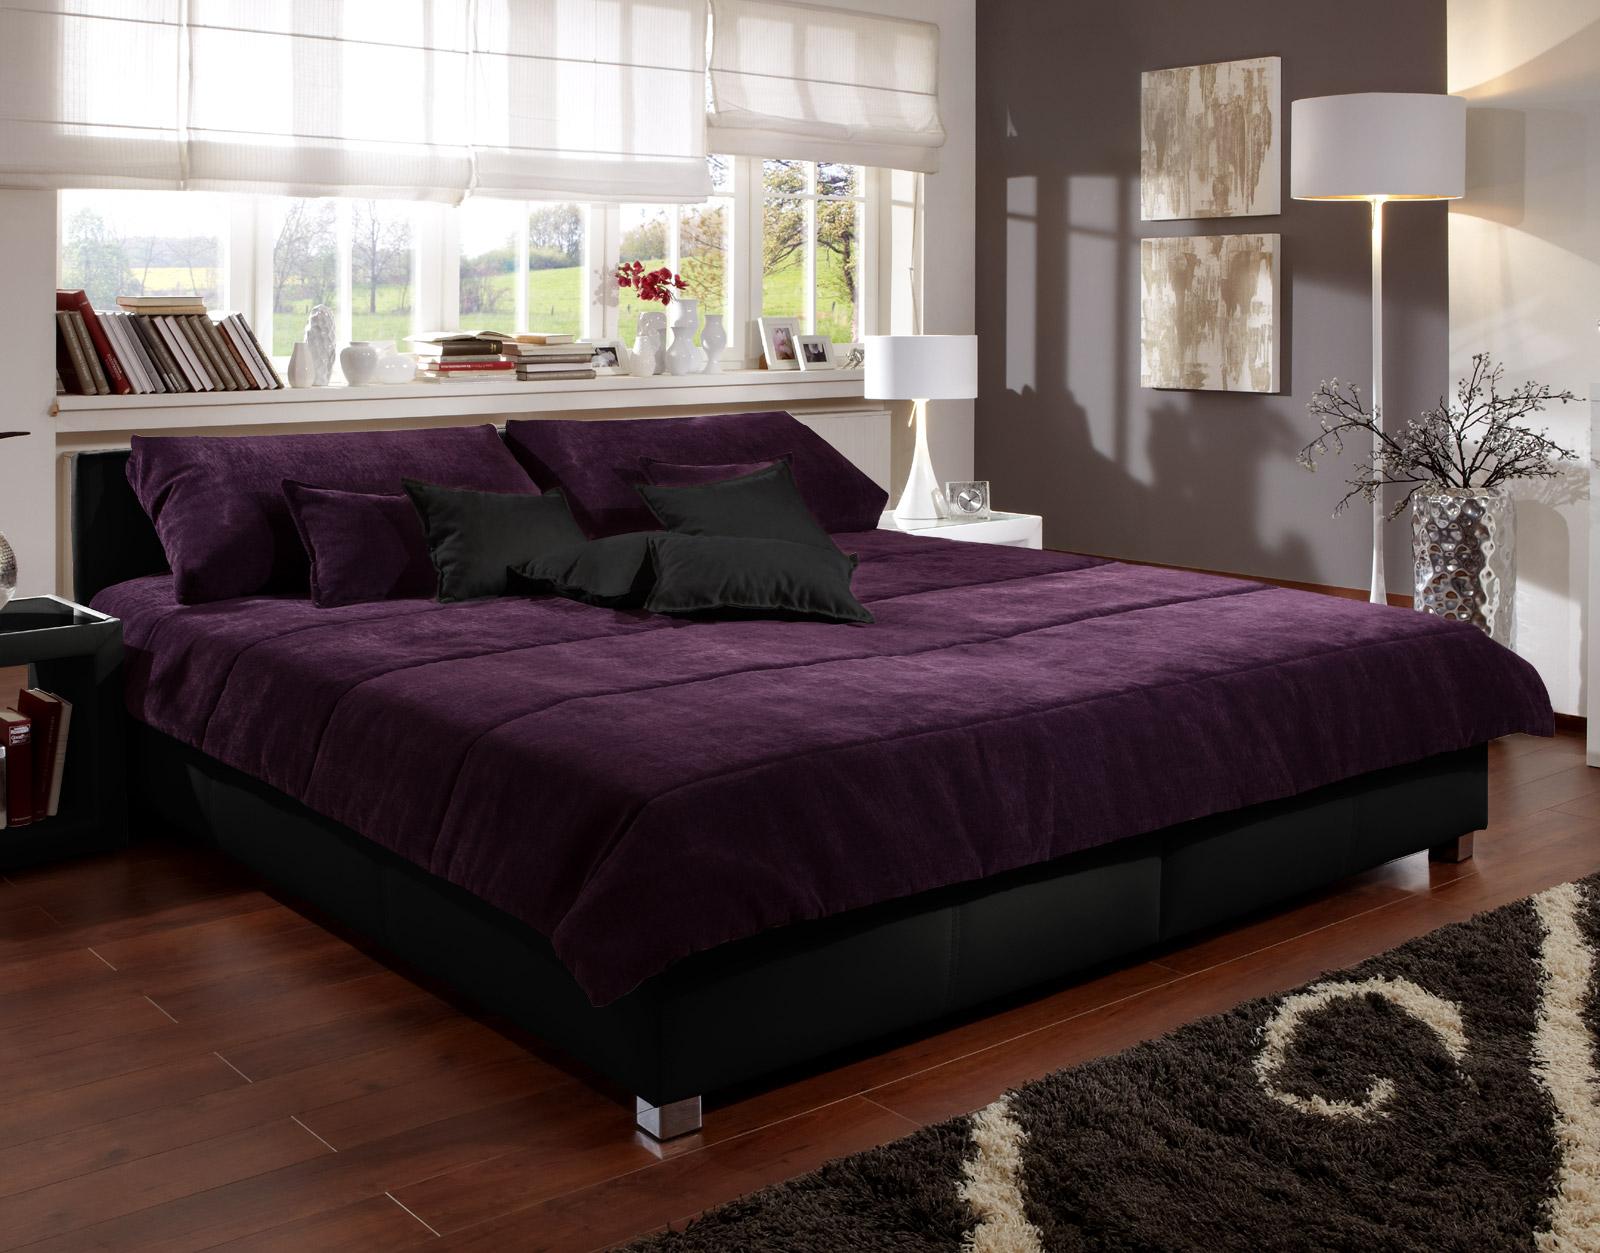 halblange tagesdecke f r ihr doppelbett kaufen amadeo. Black Bedroom Furniture Sets. Home Design Ideas